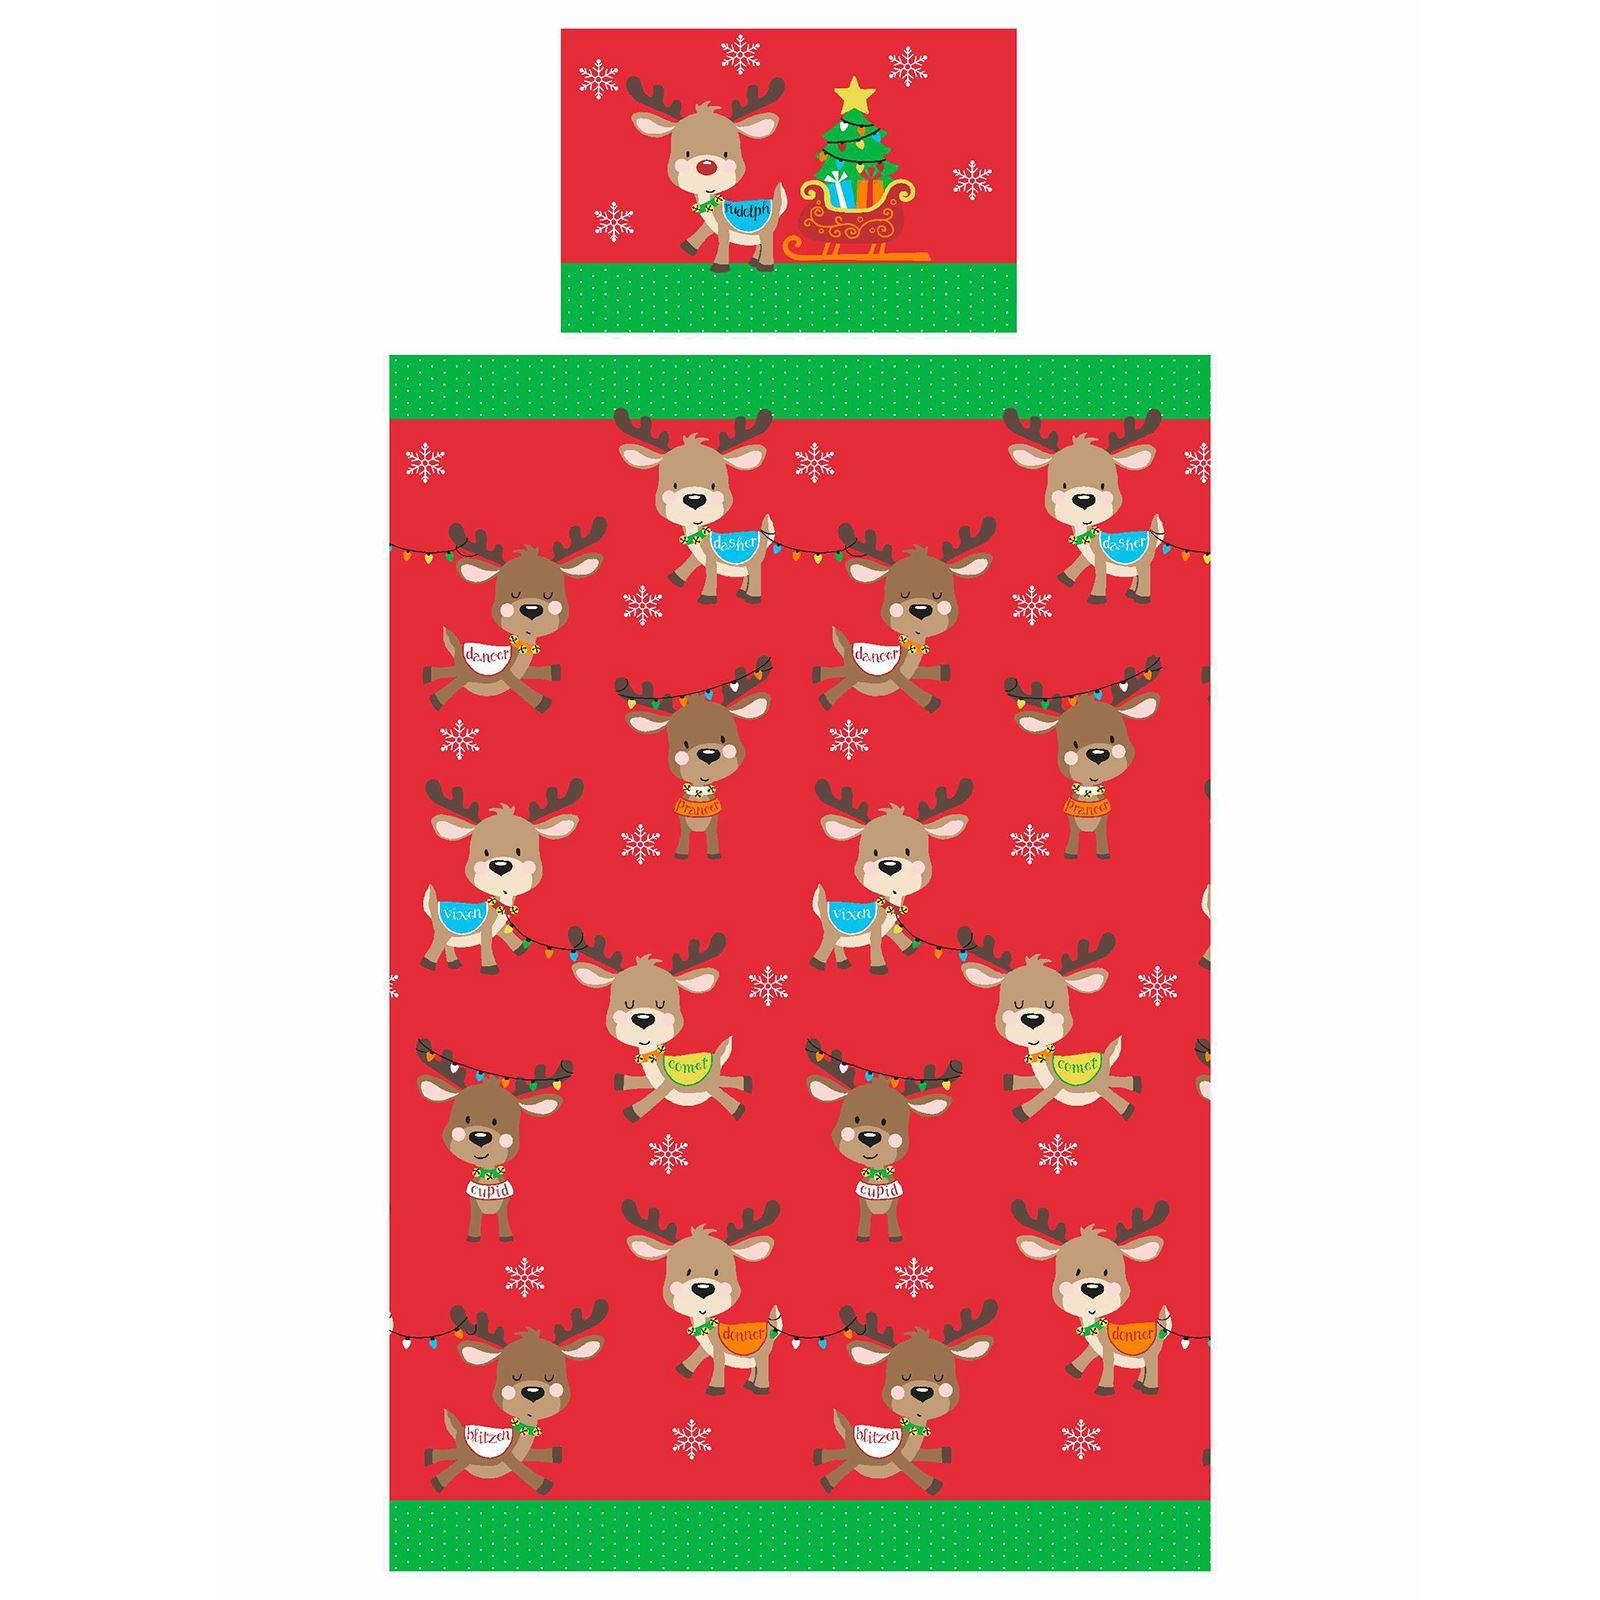 Indexbild 67 - Kinder Weihnachten Bettbezug Sets - Junior Einzel Doppel King - Elf Emoji Grinch